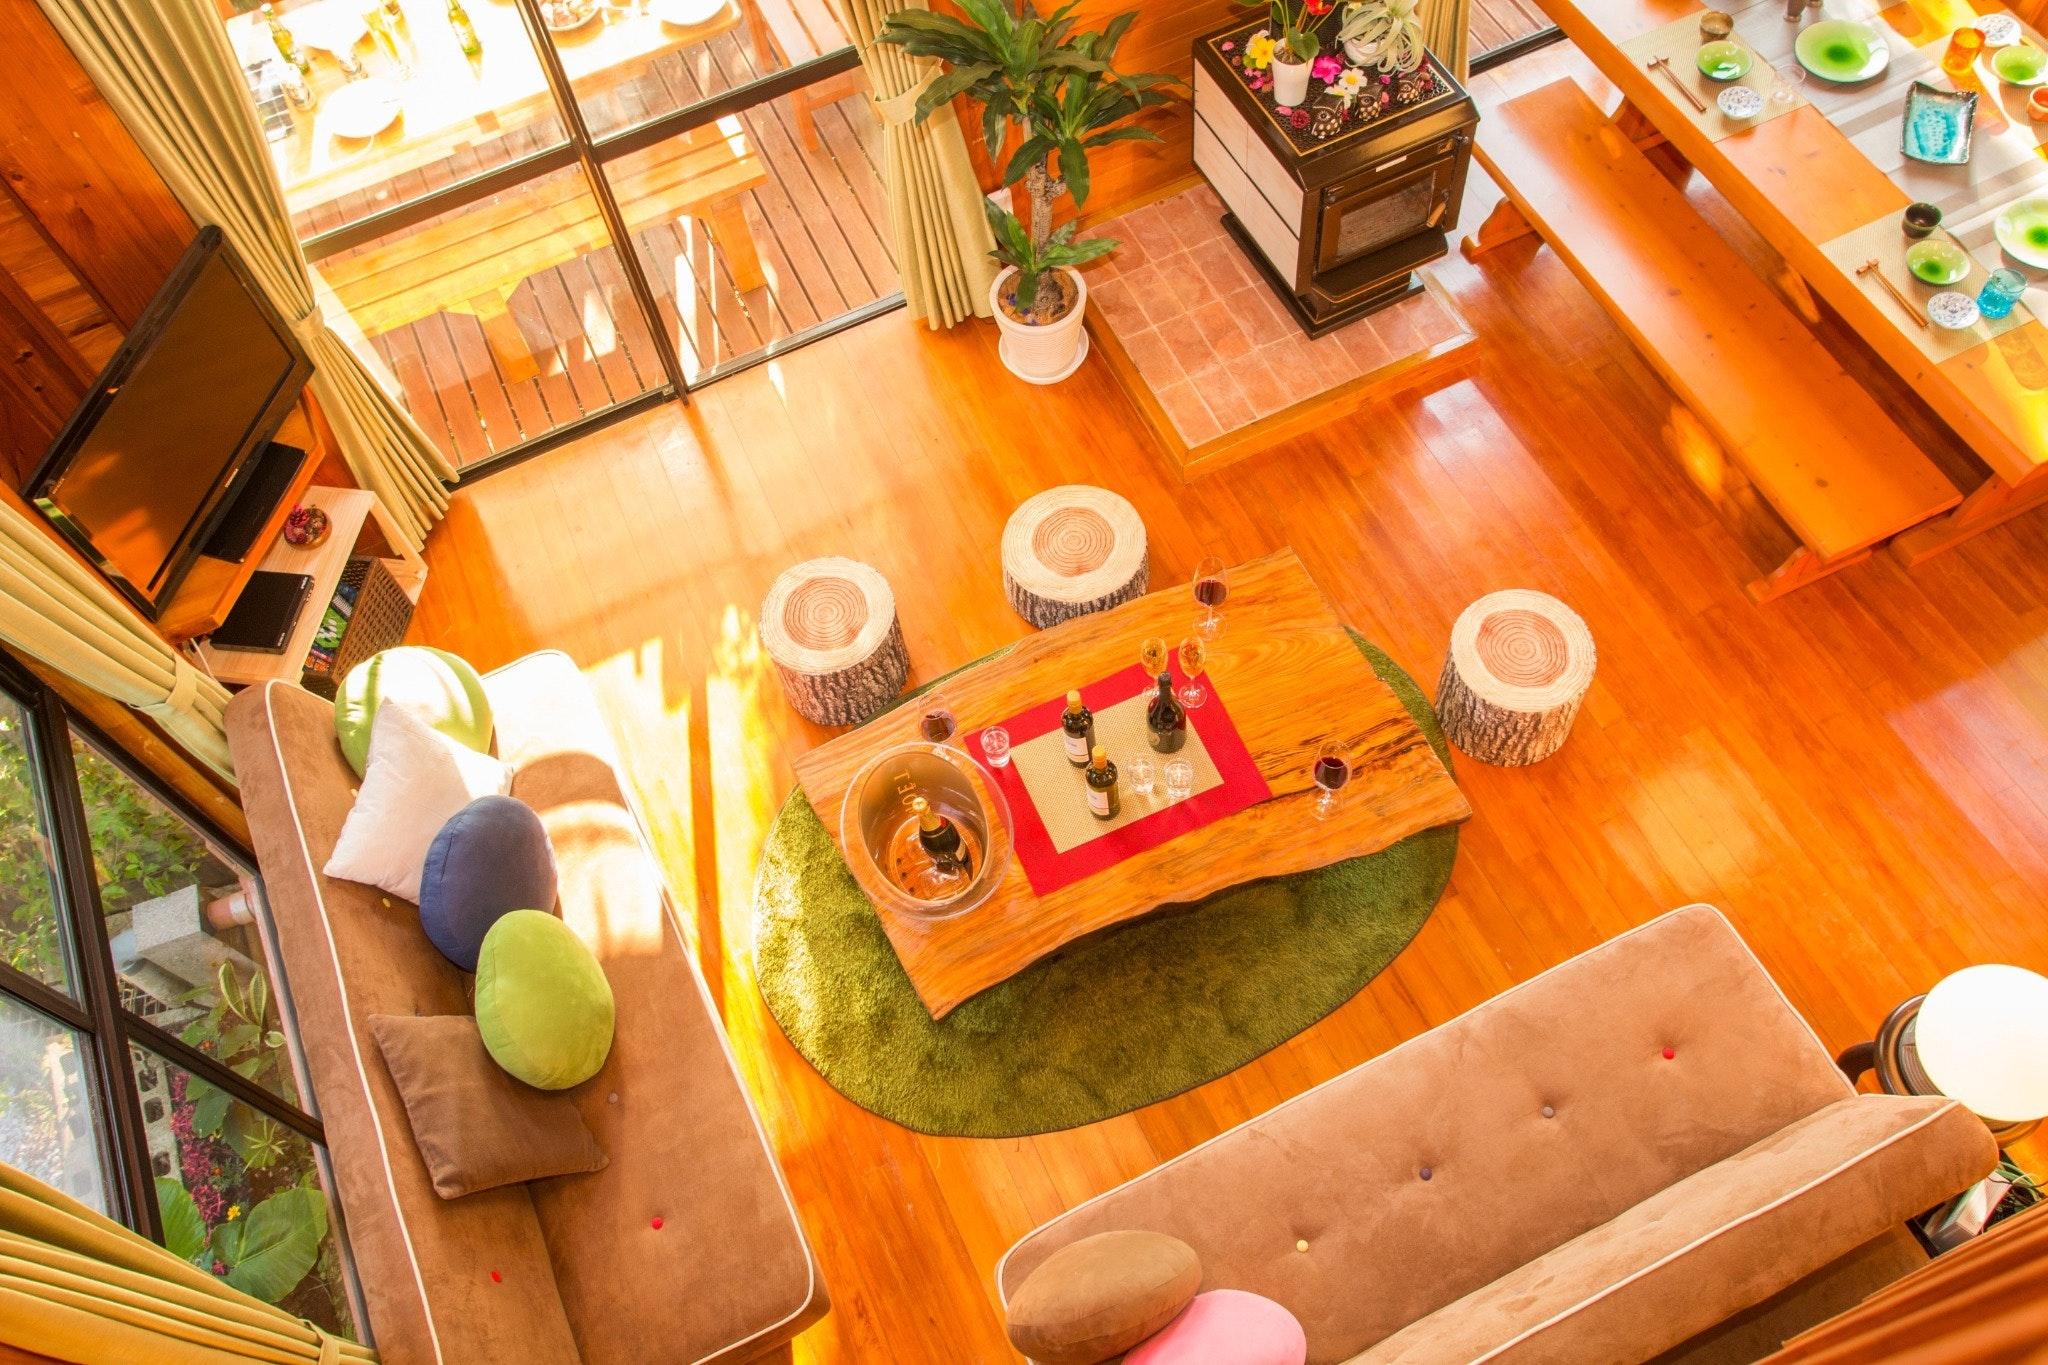 恩納村の大自然の中にあるログハウス! 自然と隣り合わせのウッドデッキでBBQ可能!